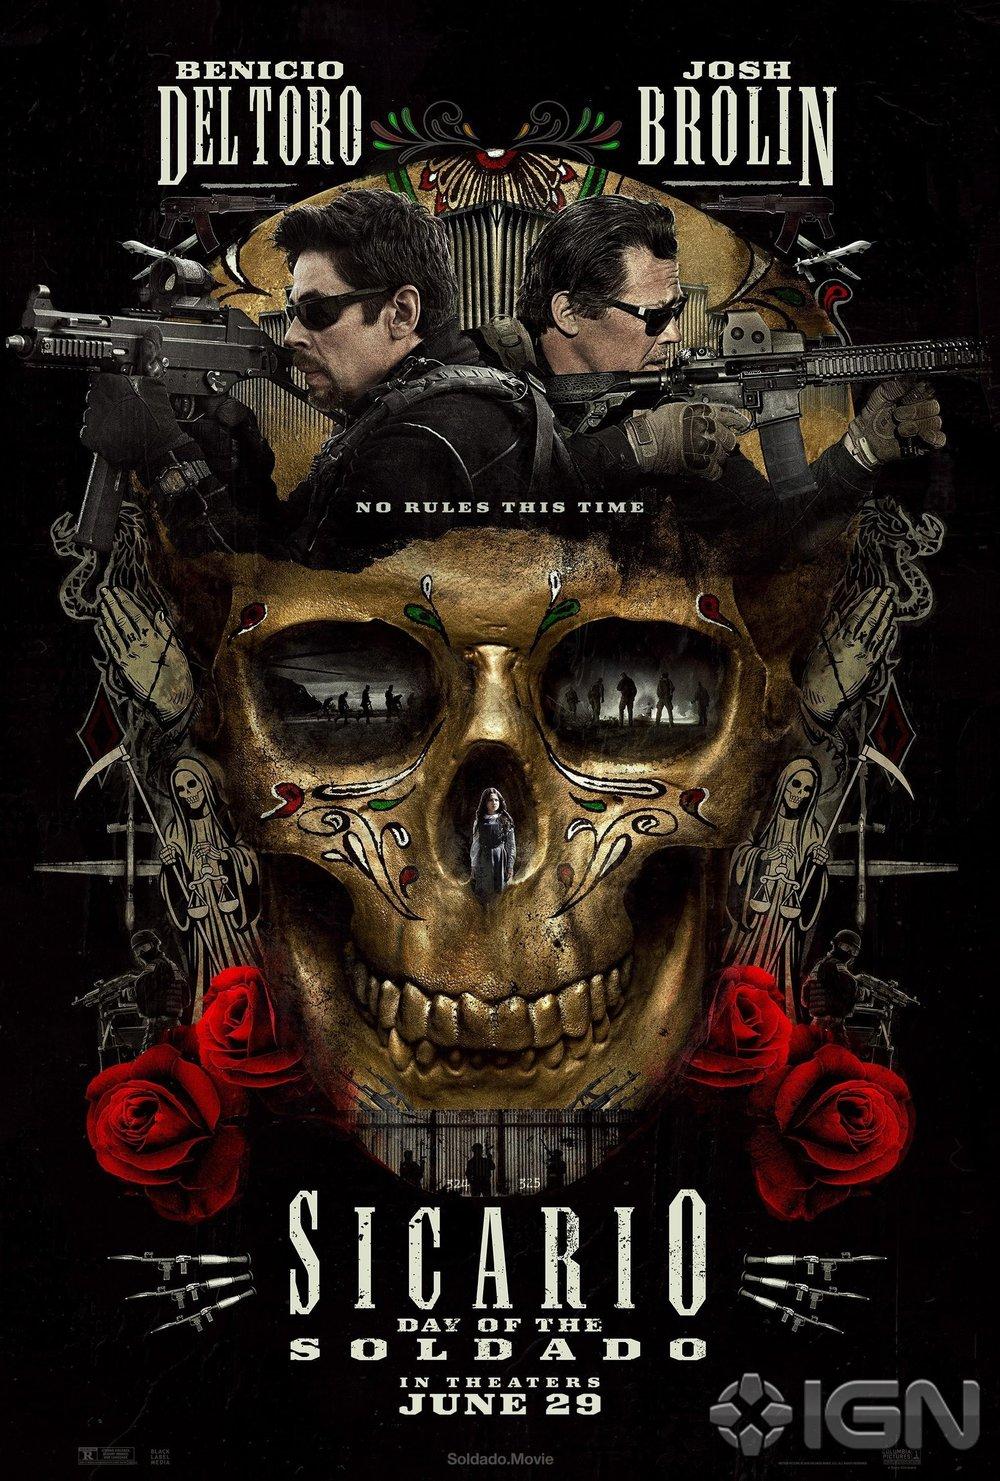 sicario-poster-1522879015143_1670w.jpg